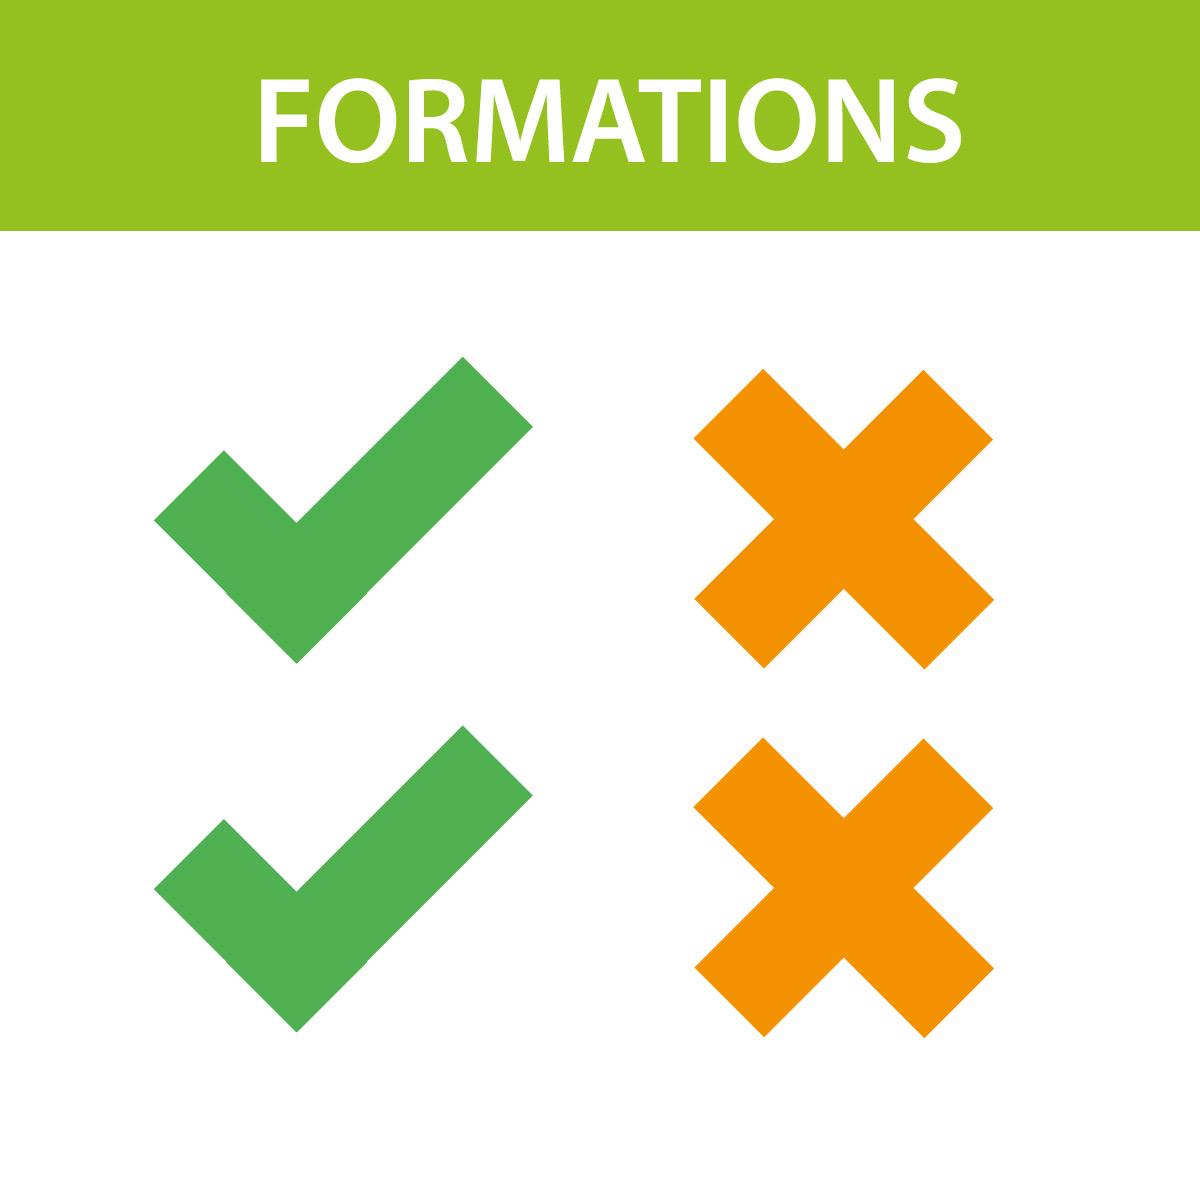 FORMATIONS-vignette-pdf-page-activites-flore-gourmande